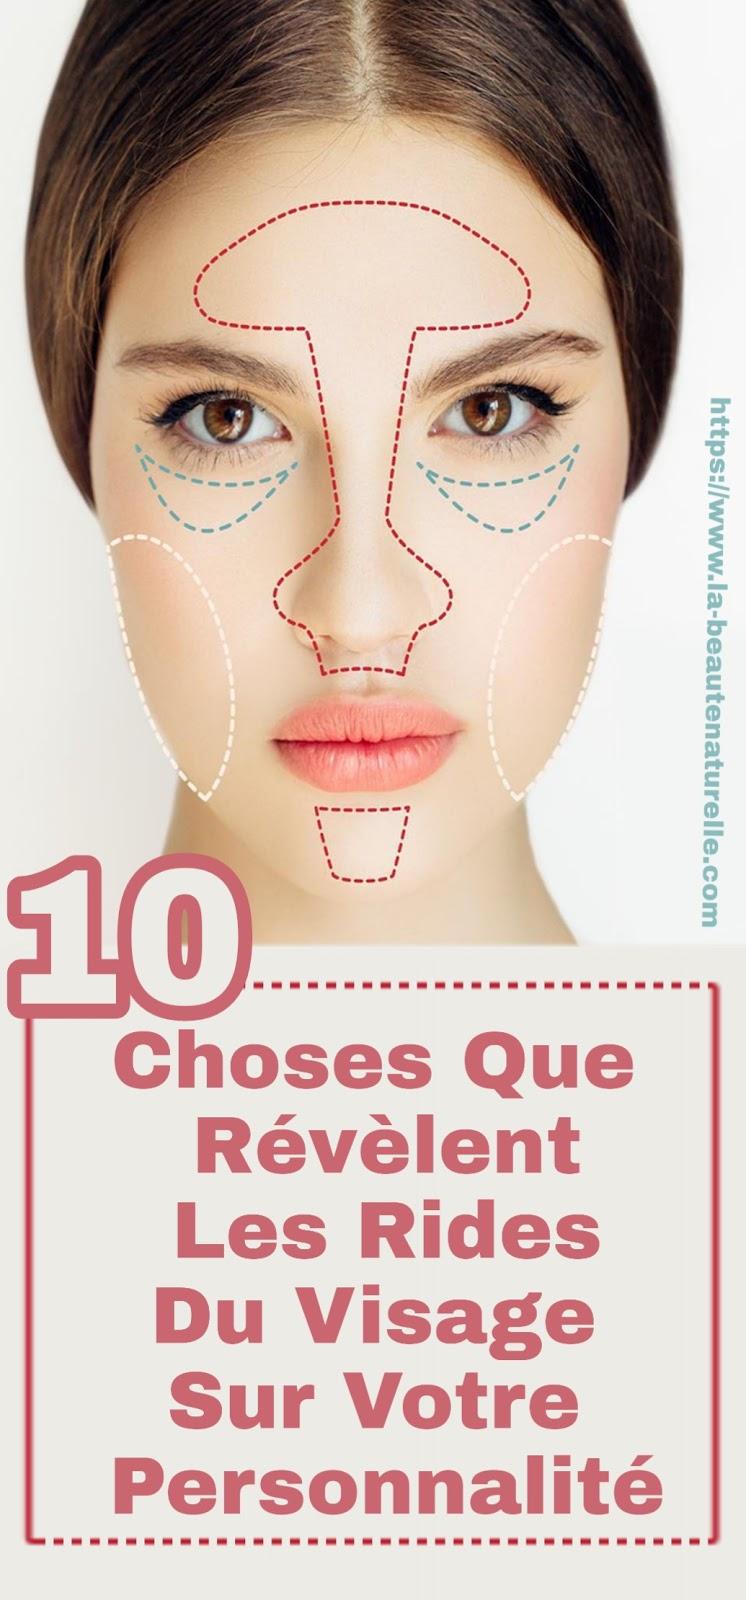 10 Choses Que Révèlent Les Rides Du Visage Sur Votre Personnalité